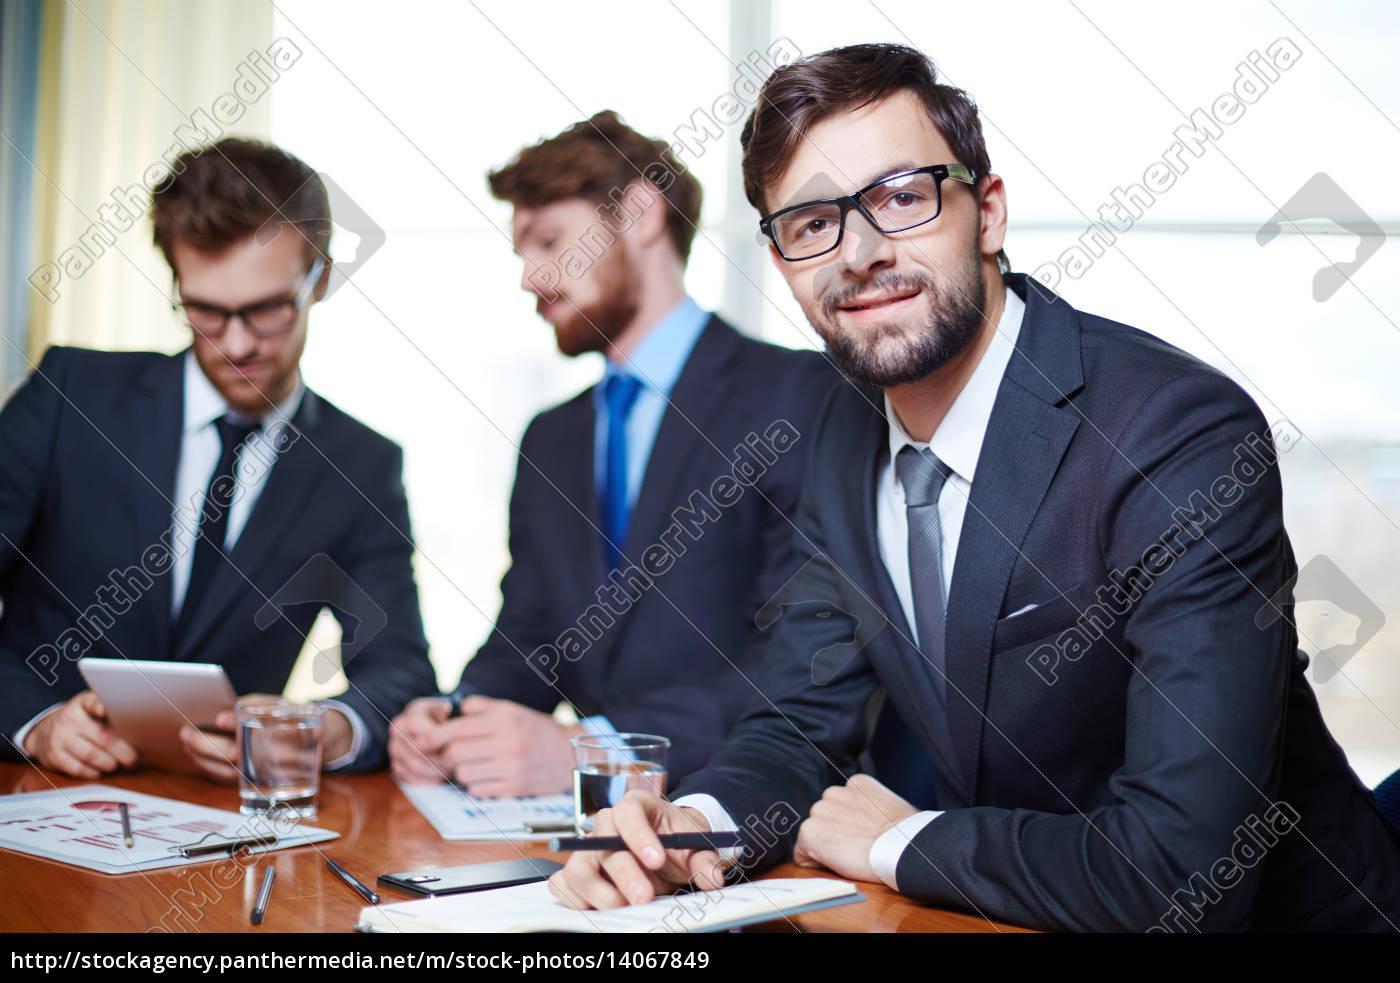 businessman, working - 14067849